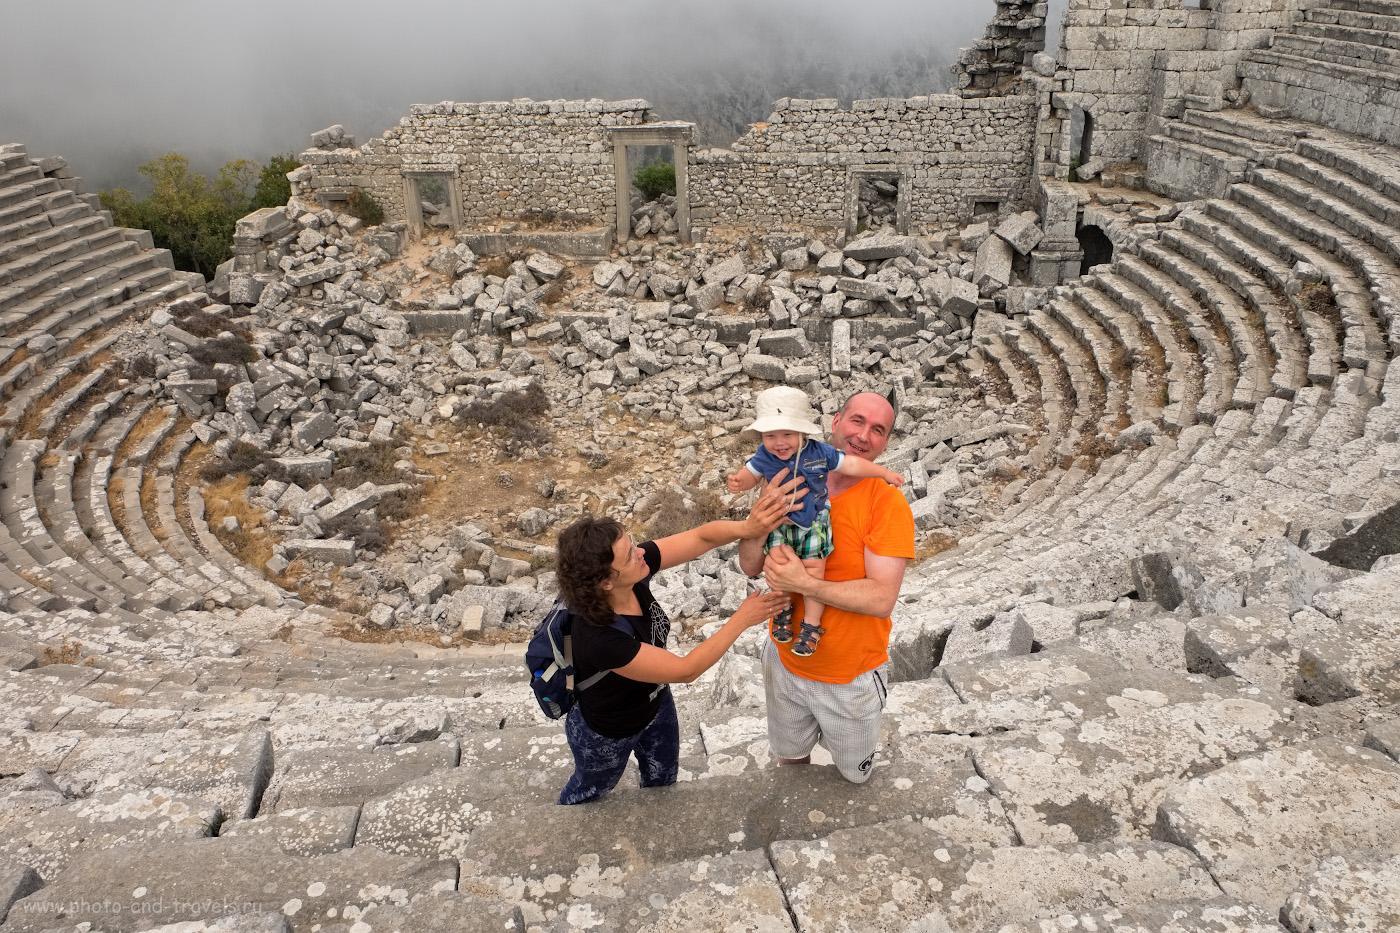 Фотография 10. Семейная фотосессия на ступенях античного театра в окрестностях Анталии. Как мы взяли в аренду машину и путешествовали по Турции самостоятельно с ребенком. 1/80, 10.0, 320, 16.